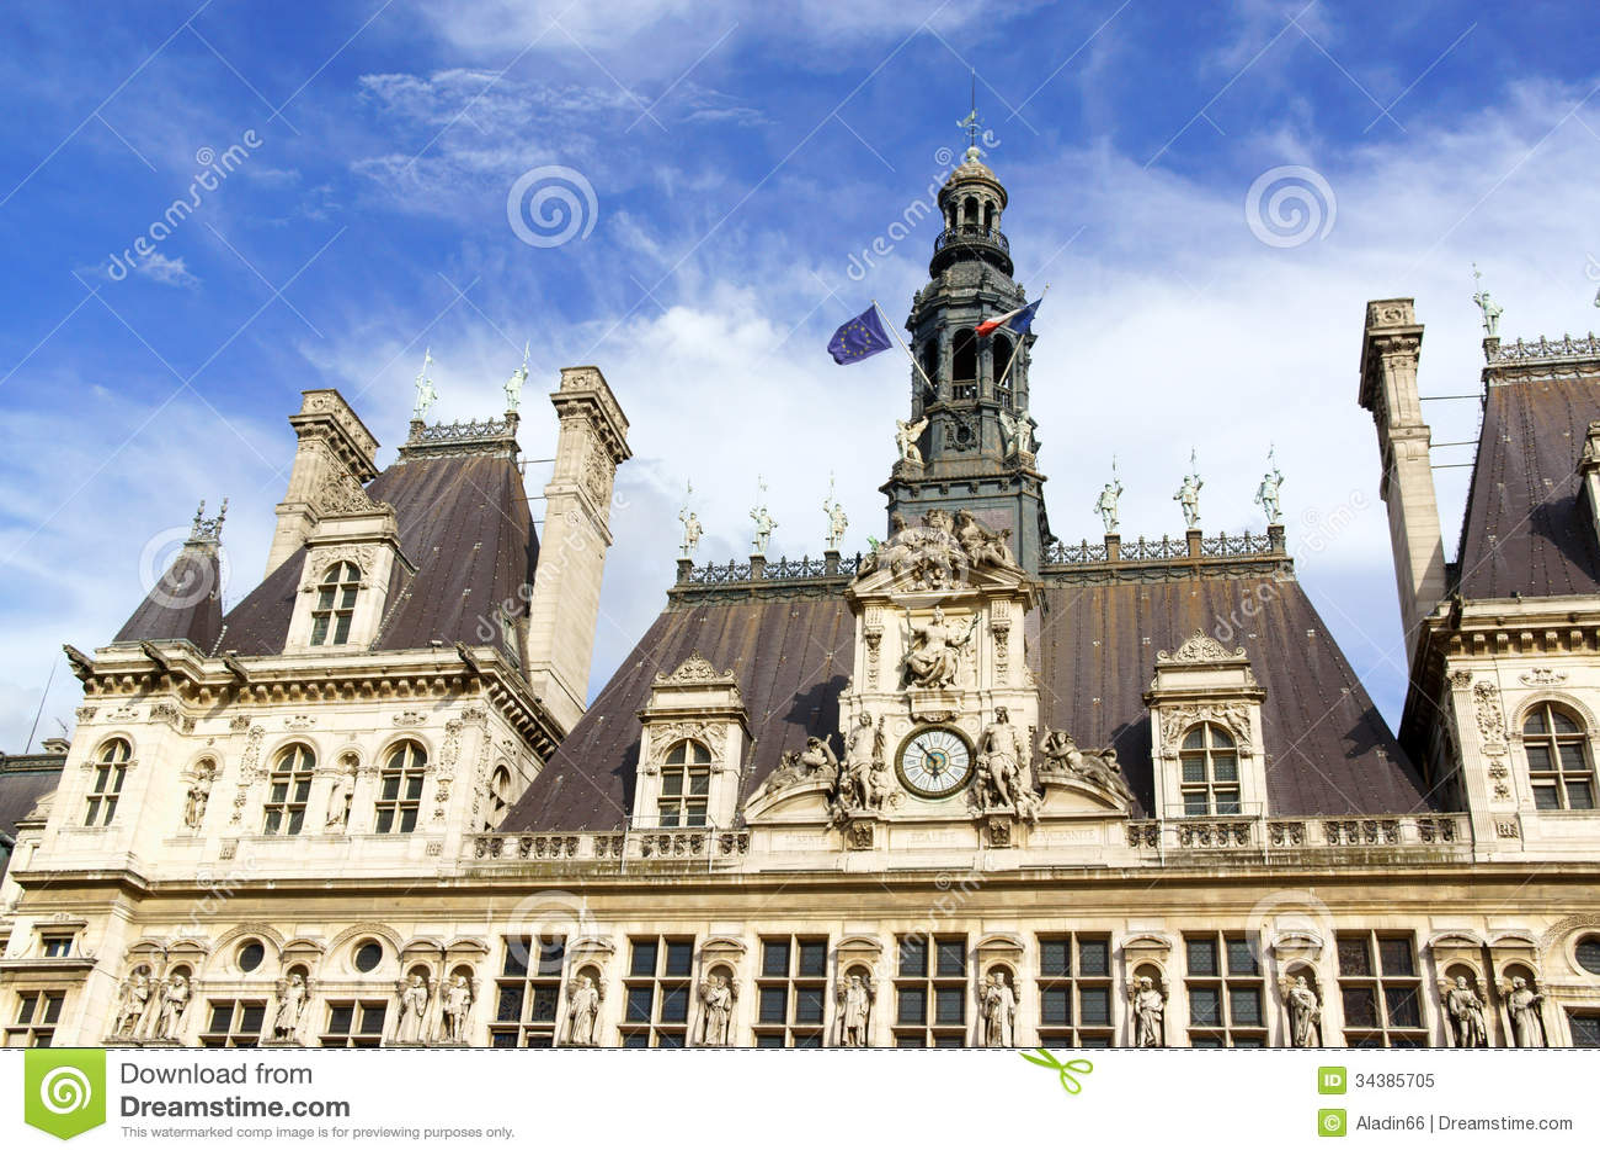 Hotel De Ville De Paris City Hall In Summer Royalty Free